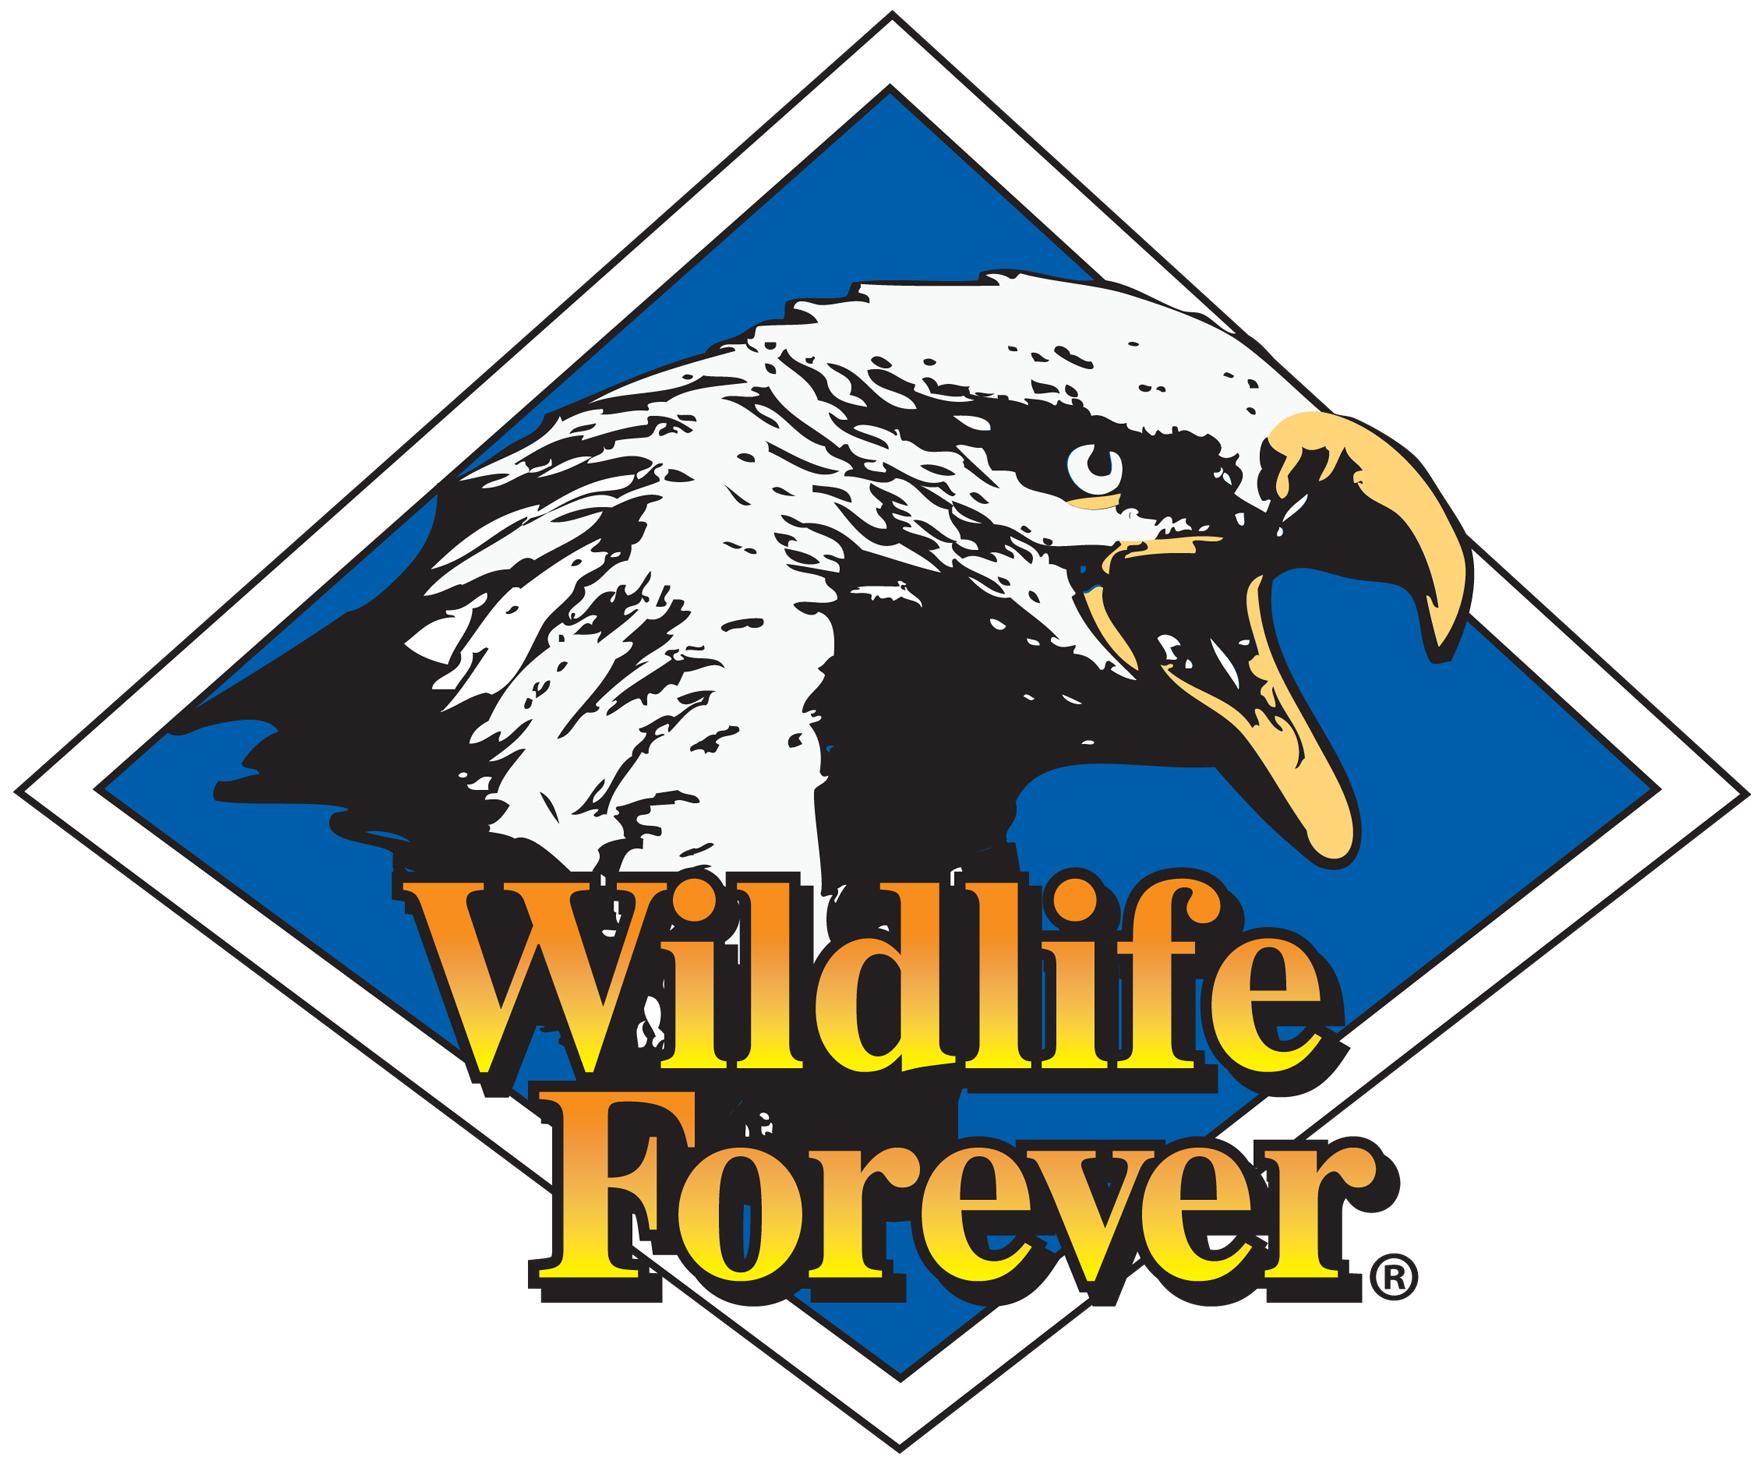 Wildlife Forever